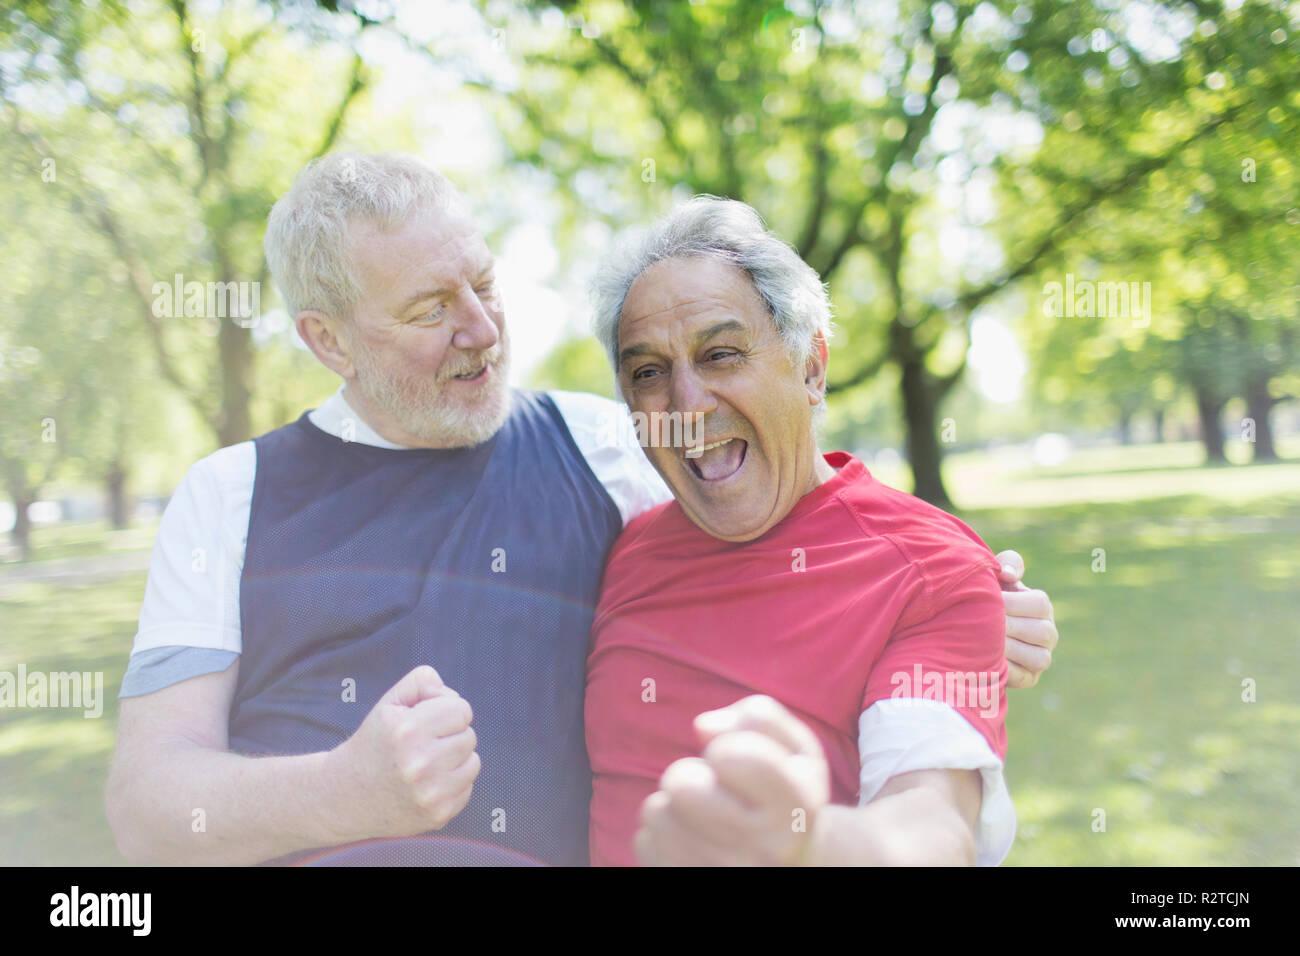 Activa exuberante altos hombres amigos vitoreando en estacionamiento Imagen De Stock